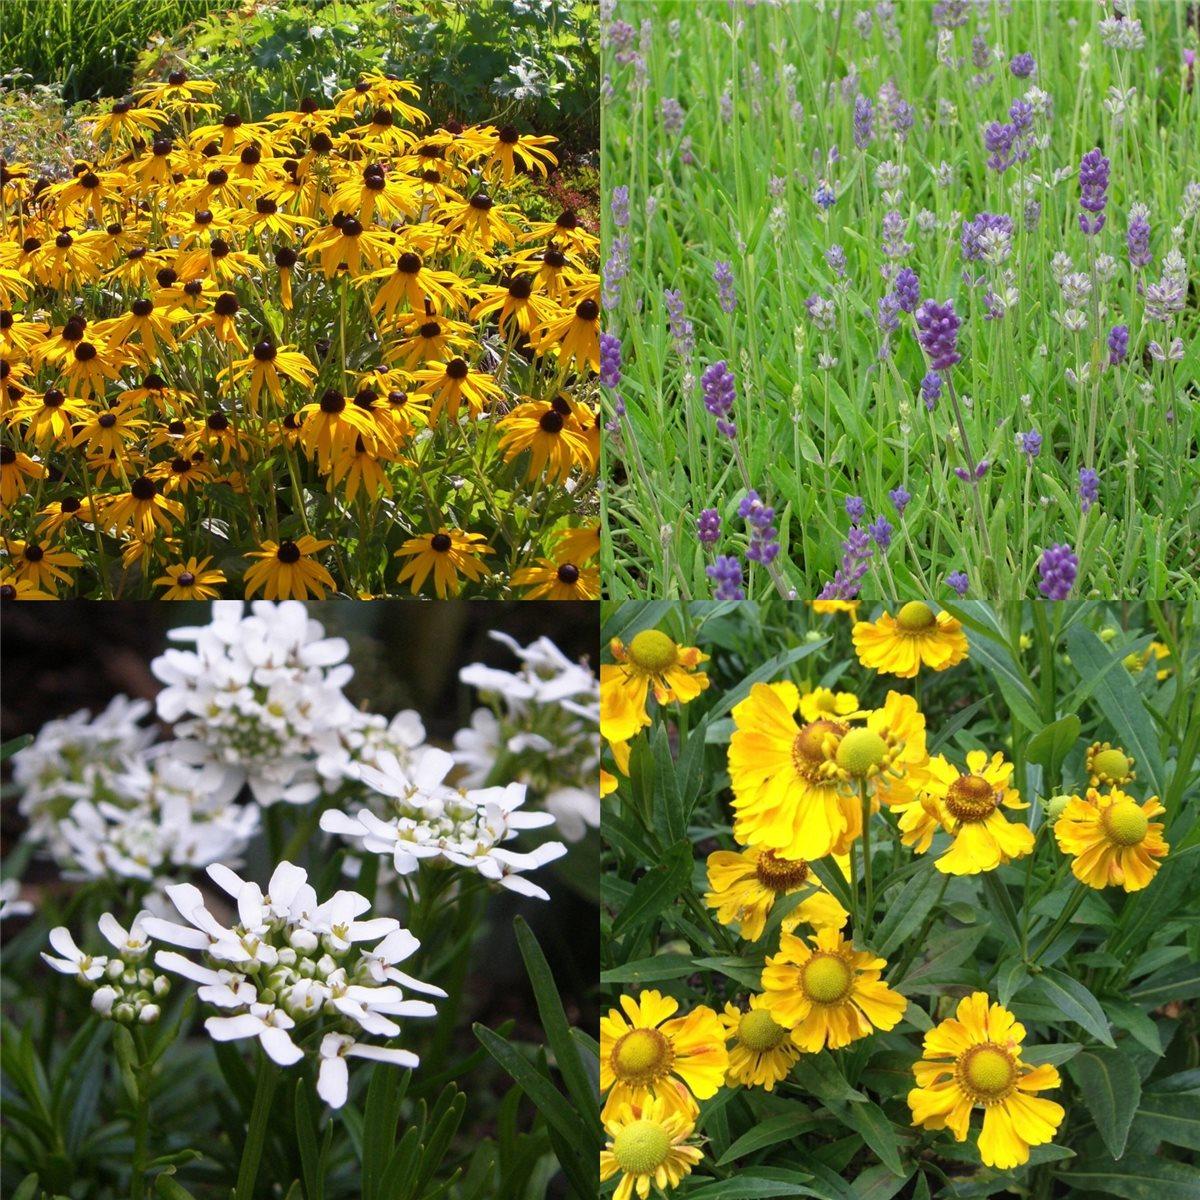 54 stauden pflanzen mix sonnen beet blau weiss gelb mit pflanzplan ebay. Black Bedroom Furniture Sets. Home Design Ideas